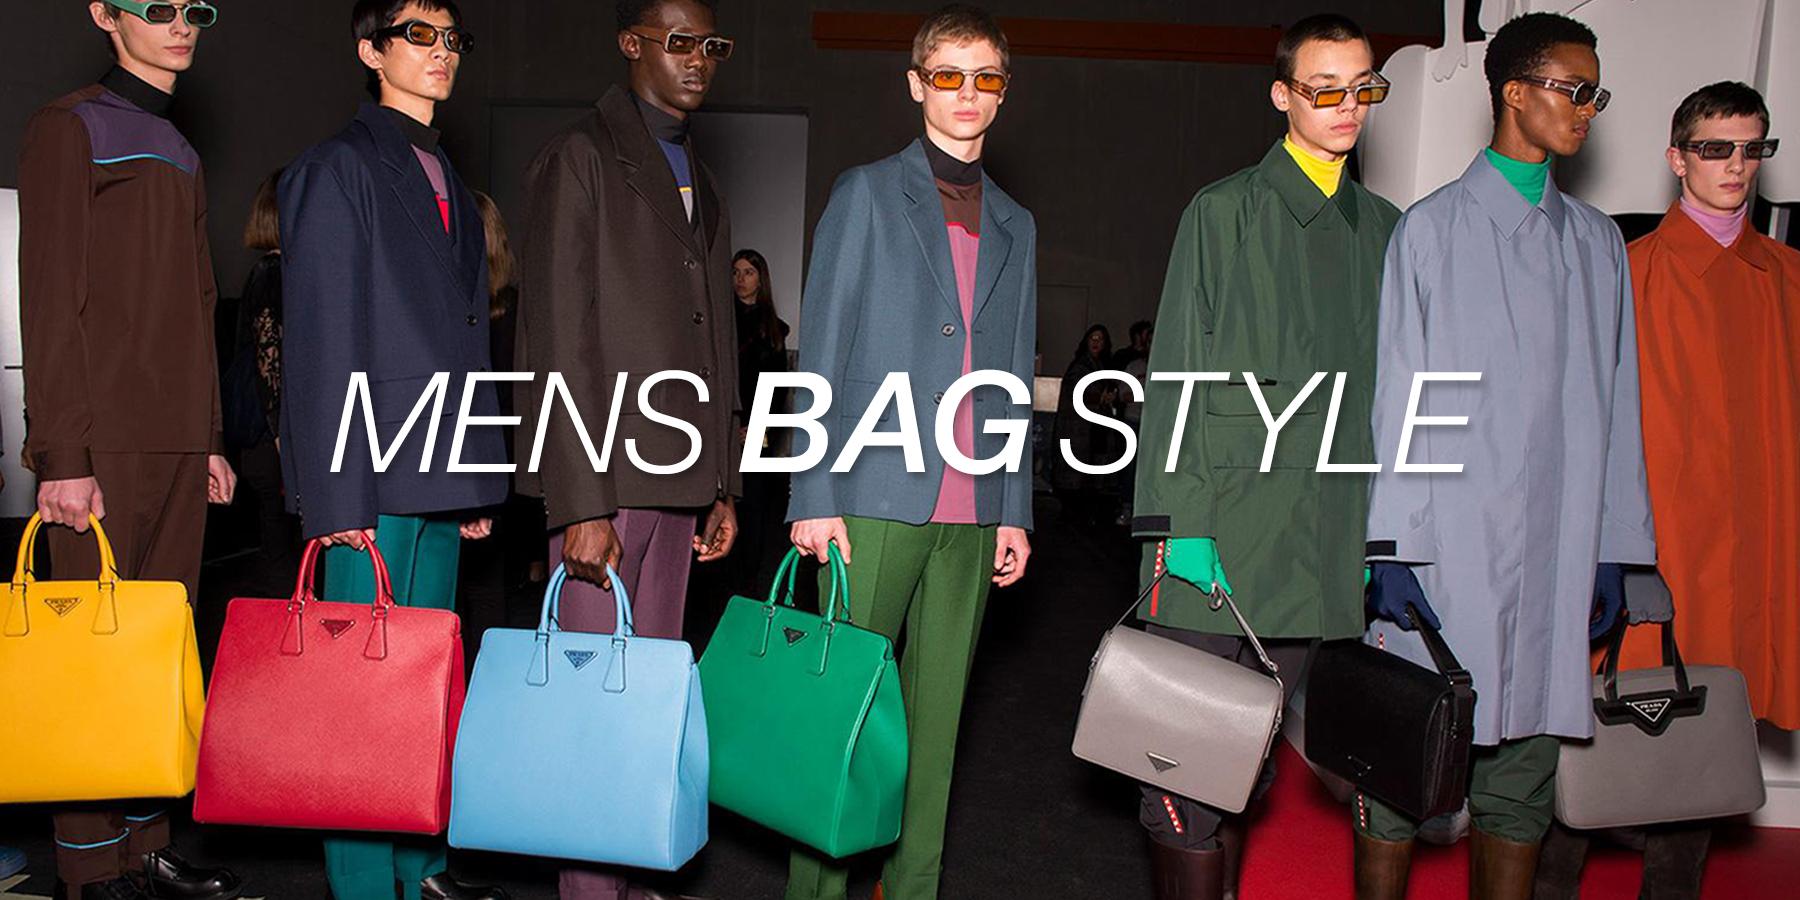 【メンズ】バッグを差し色にすればコーデが決まる!バッグの選び方・合わせ方を解説